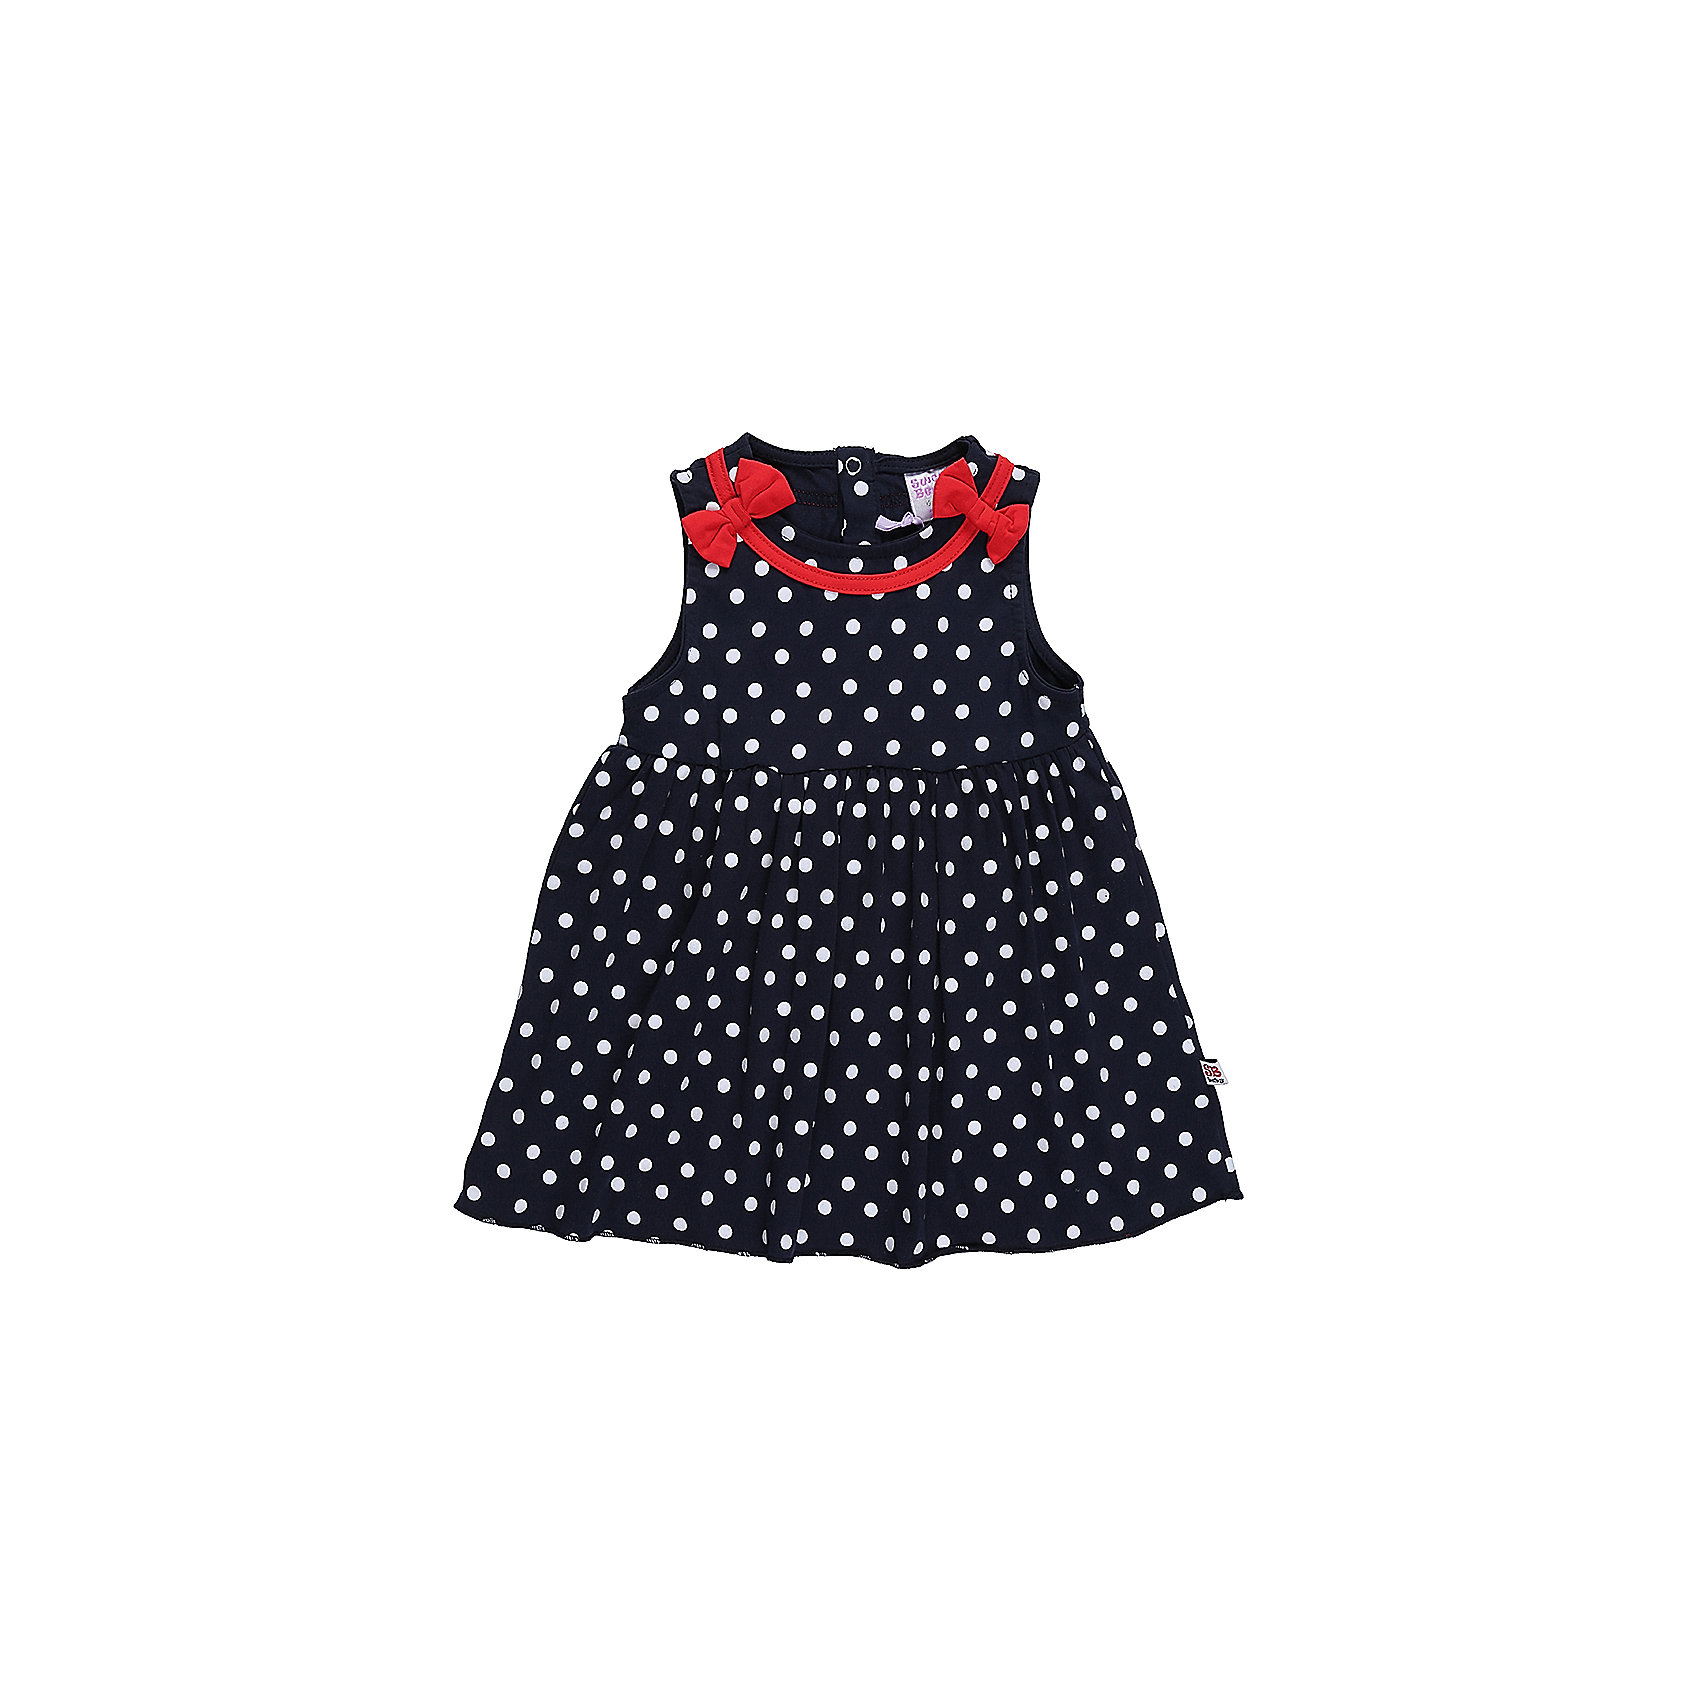 Платье для девочки Sweet BerryПлатья<br>Трикотажное платье для девочки в белый горох. Талия завышена, кокетка декорирована красной бейкой и бантиками.<br>Состав:<br>95%хлопок 5%эластан<br><br>Ширина мм: 236<br>Глубина мм: 16<br>Высота мм: 184<br>Вес г: 177<br>Цвет: синий<br>Возраст от месяцев: 12<br>Возраст до месяцев: 15<br>Пол: Женский<br>Возраст: Детский<br>Размер: 98,80,86,92<br>SKU: 5411058